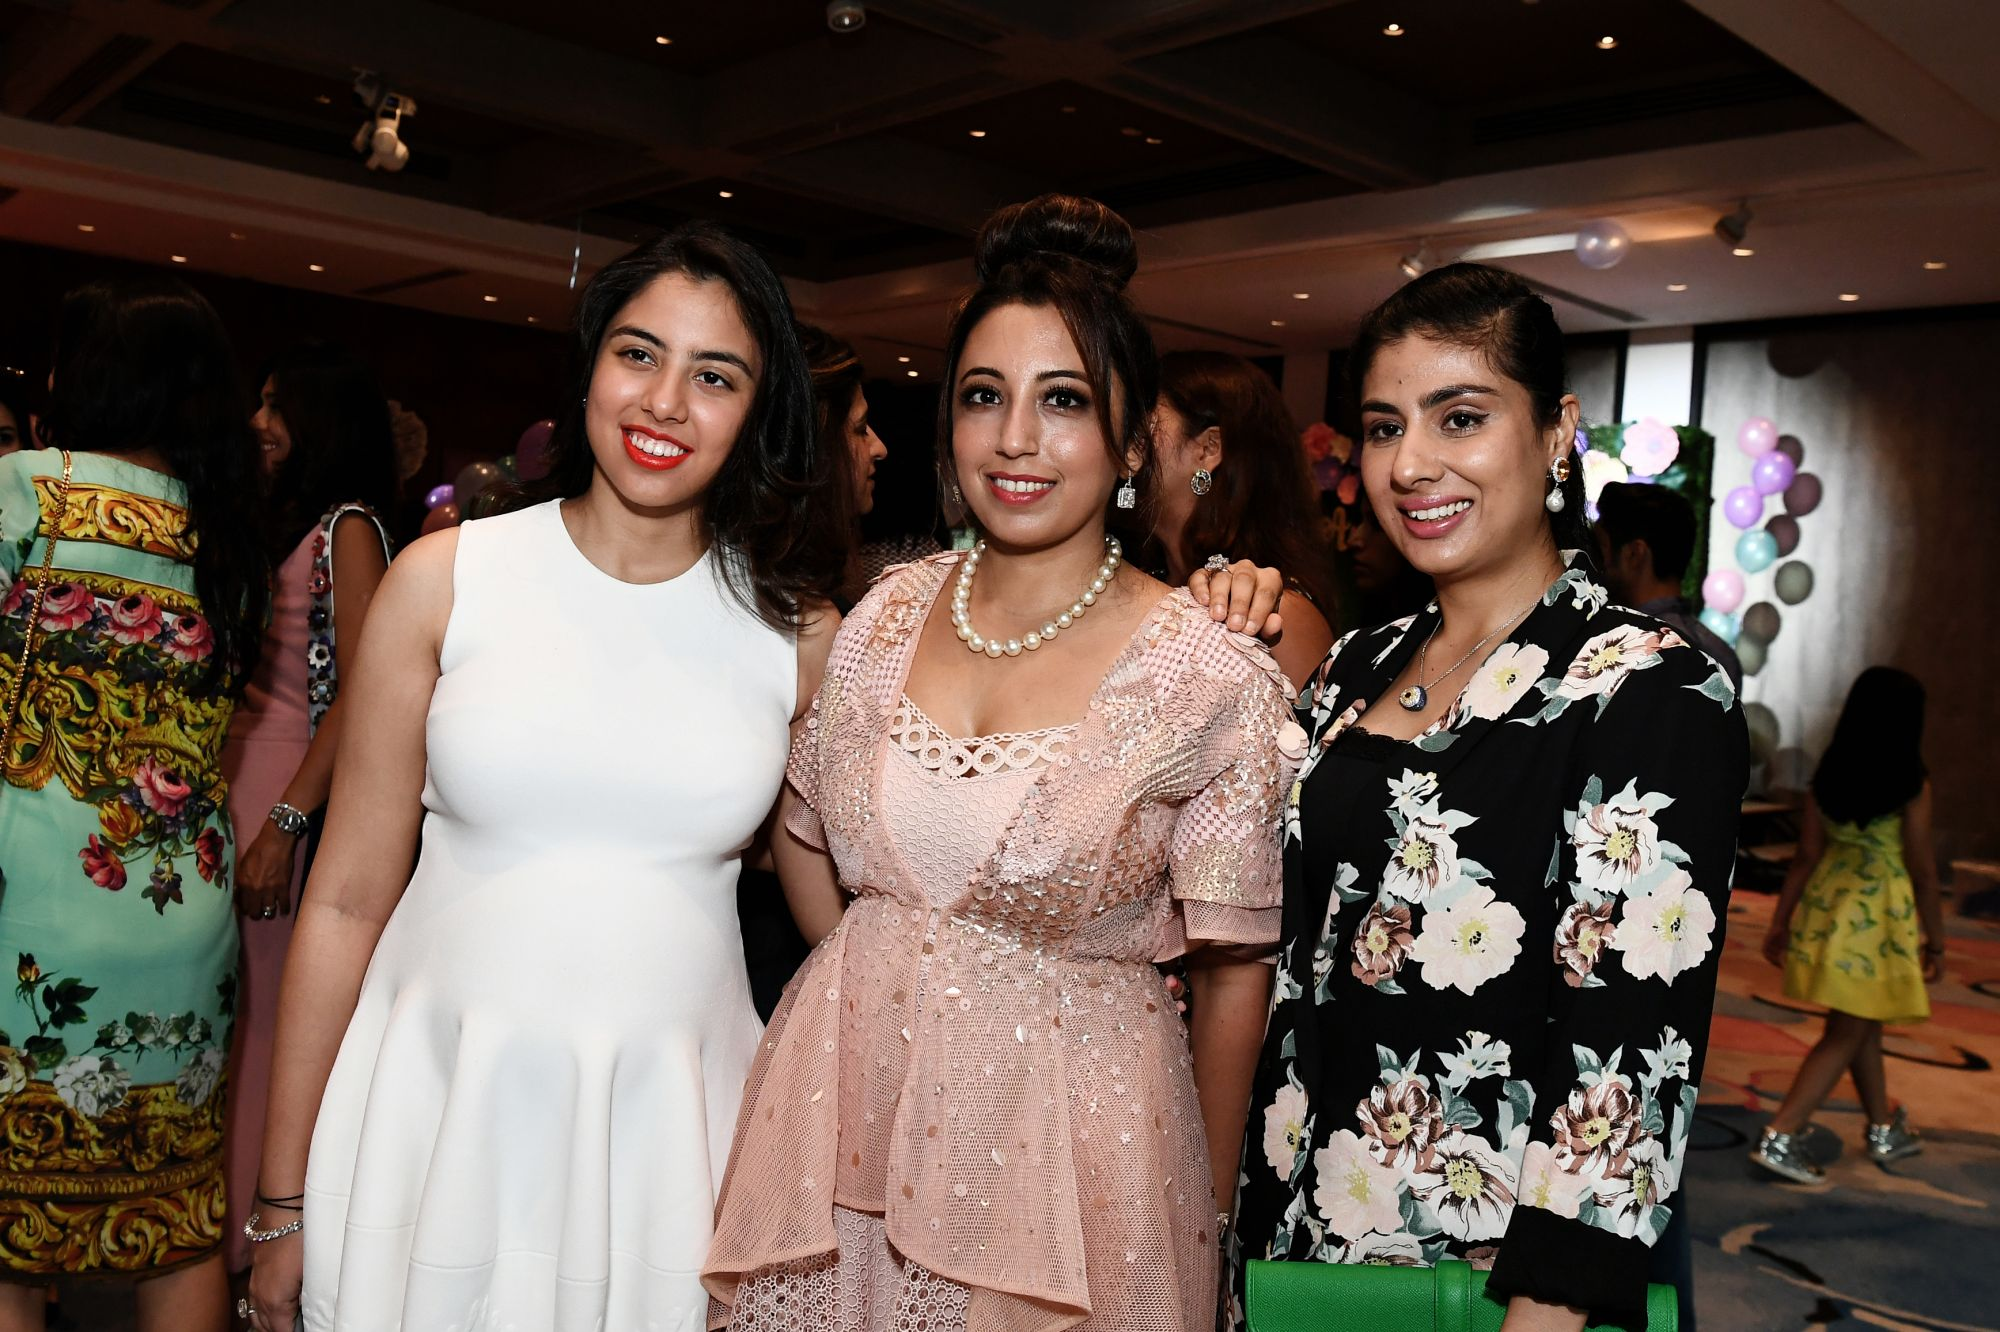 Shaila Hiranandani, Dimple Aswani, Nayantara Dhillon